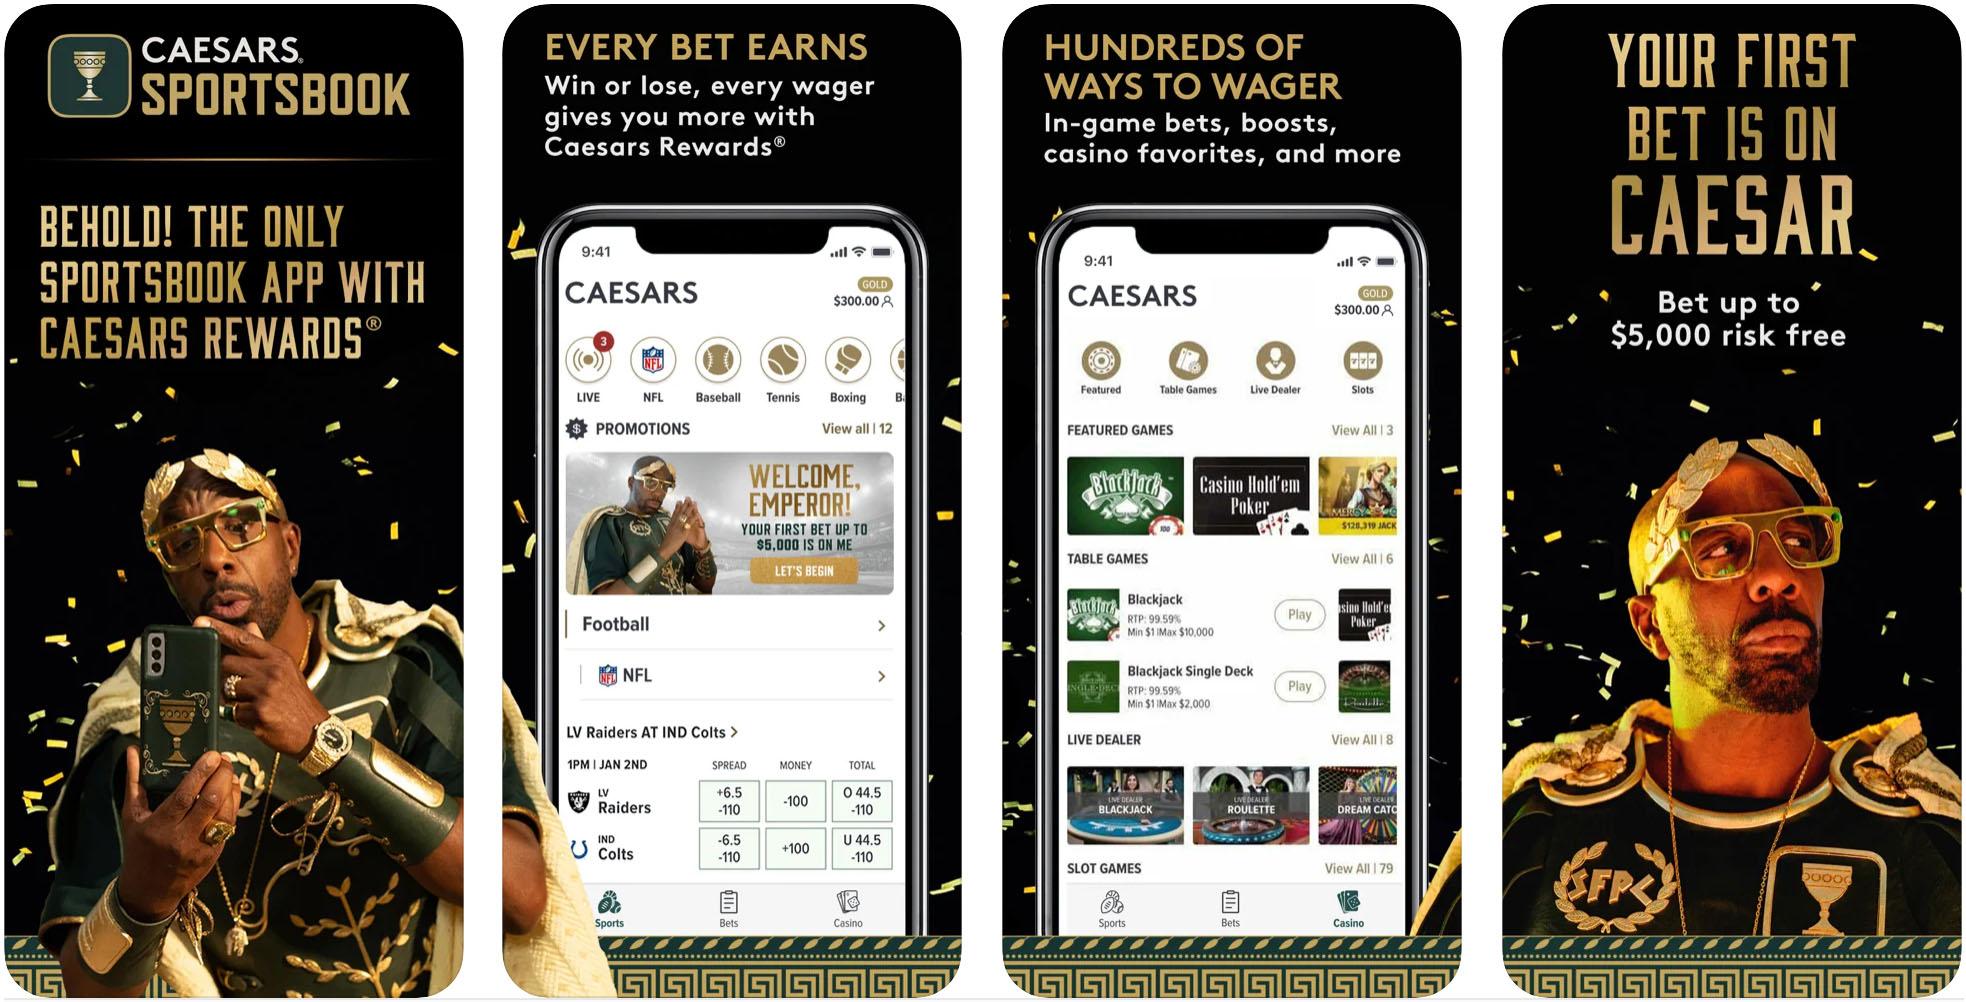 Caesars Sportsbook, App Store